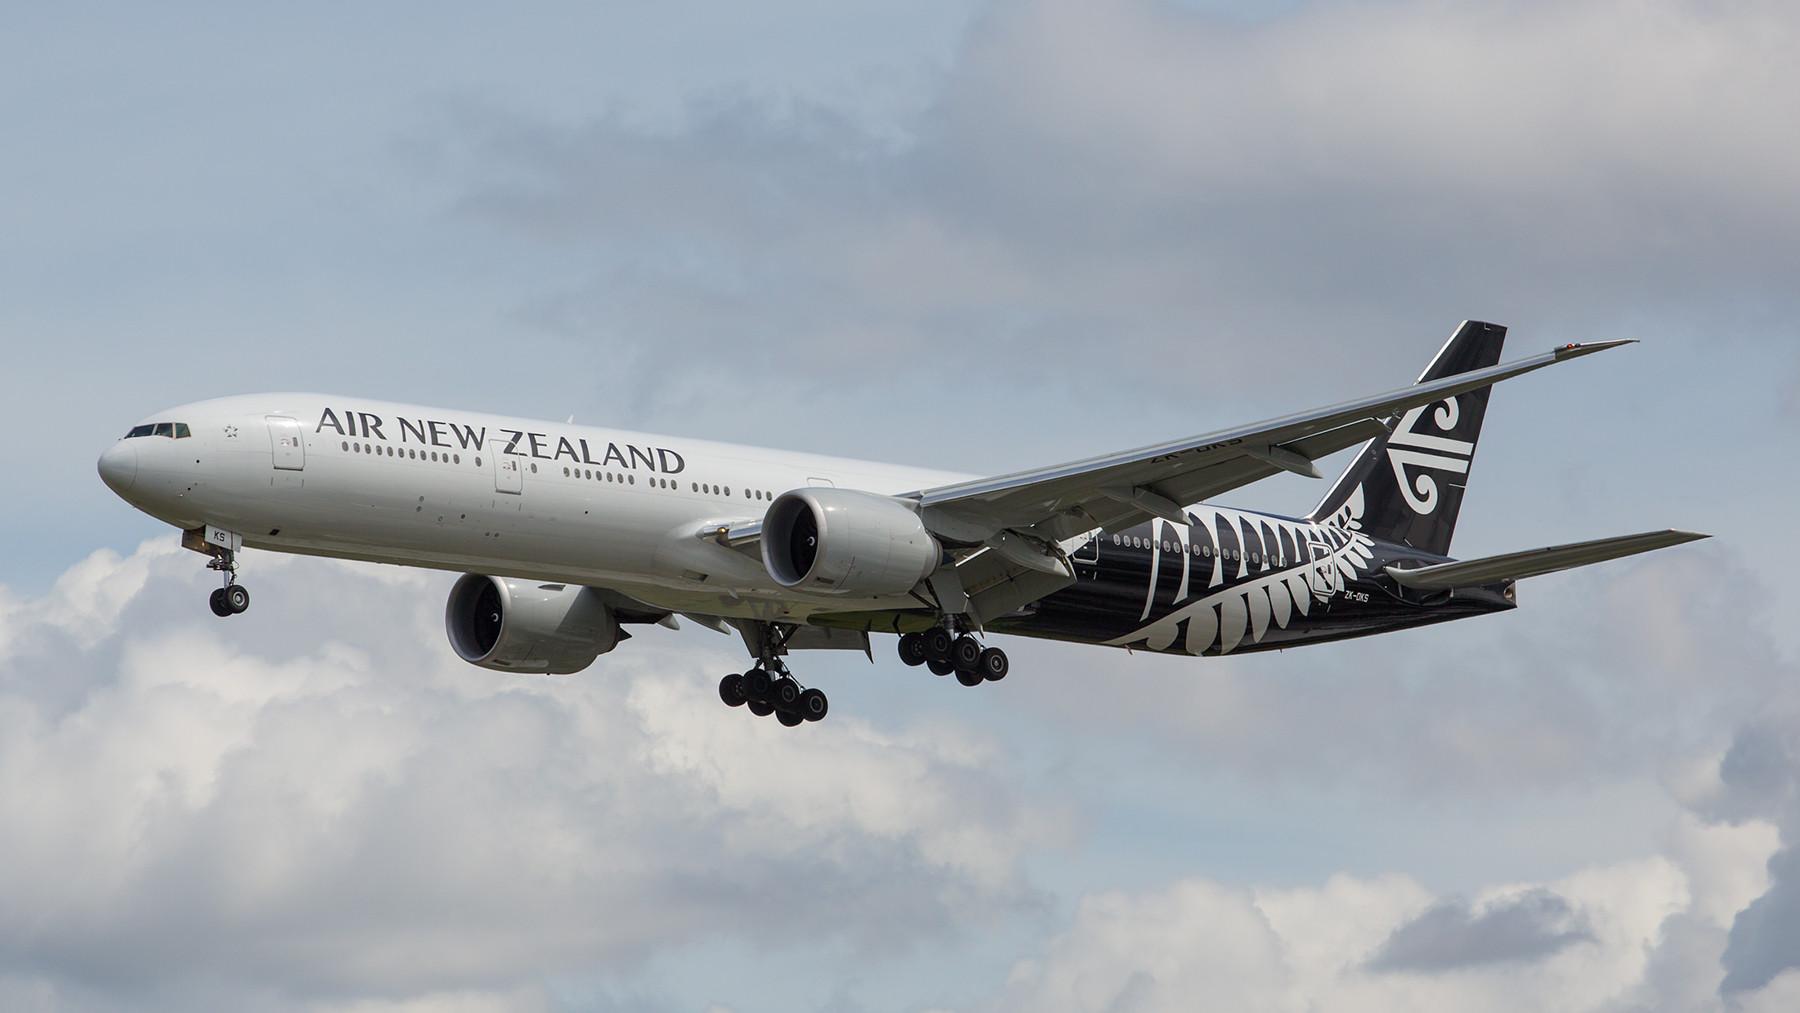 So sieht die neue Bemalung der Air New Zealand aus.